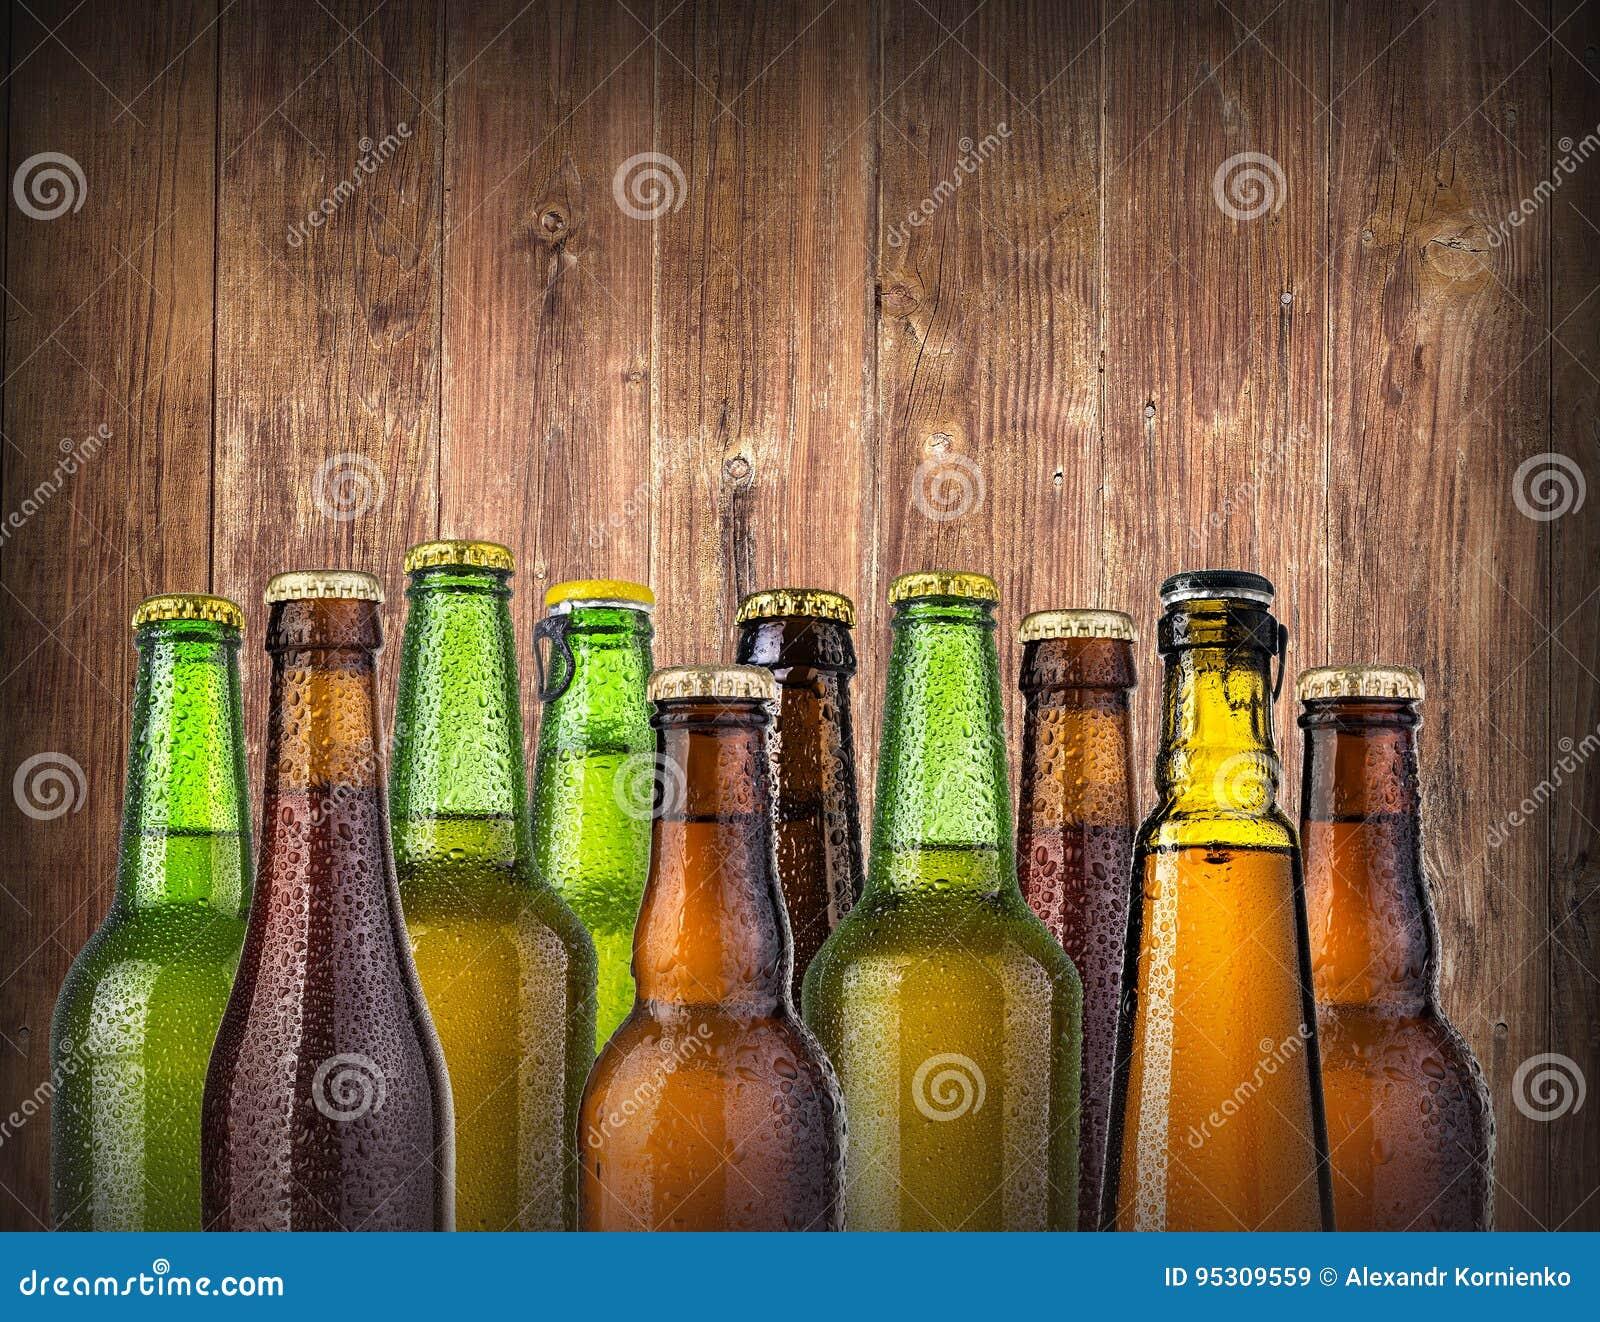 Bierflaschen auf hölzernem